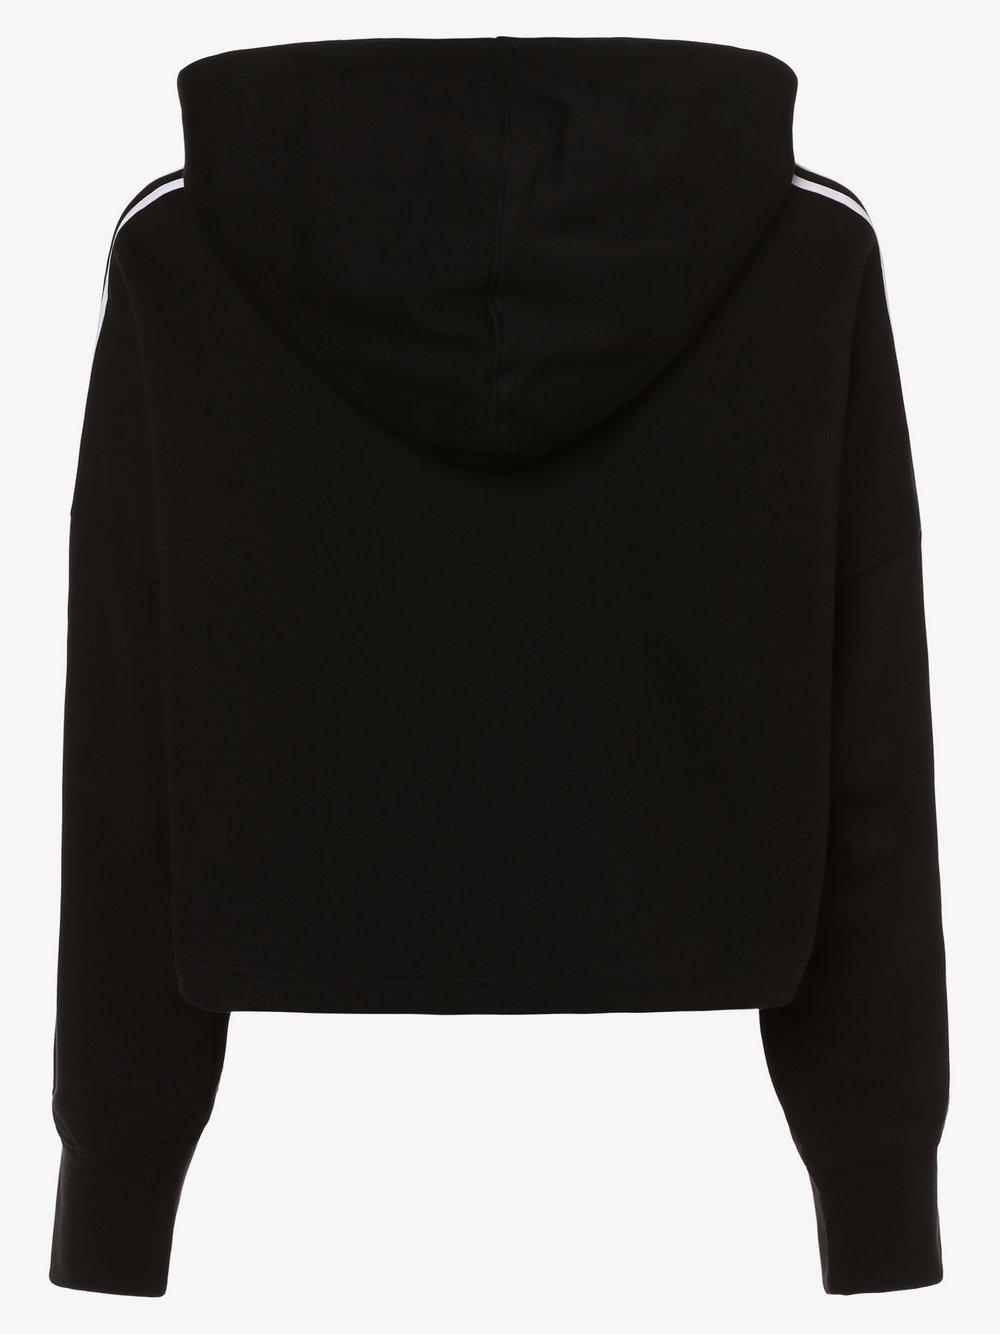 ADIDAS Originals Bluza z kapturem o pudełkowym kroju z paskami z logo